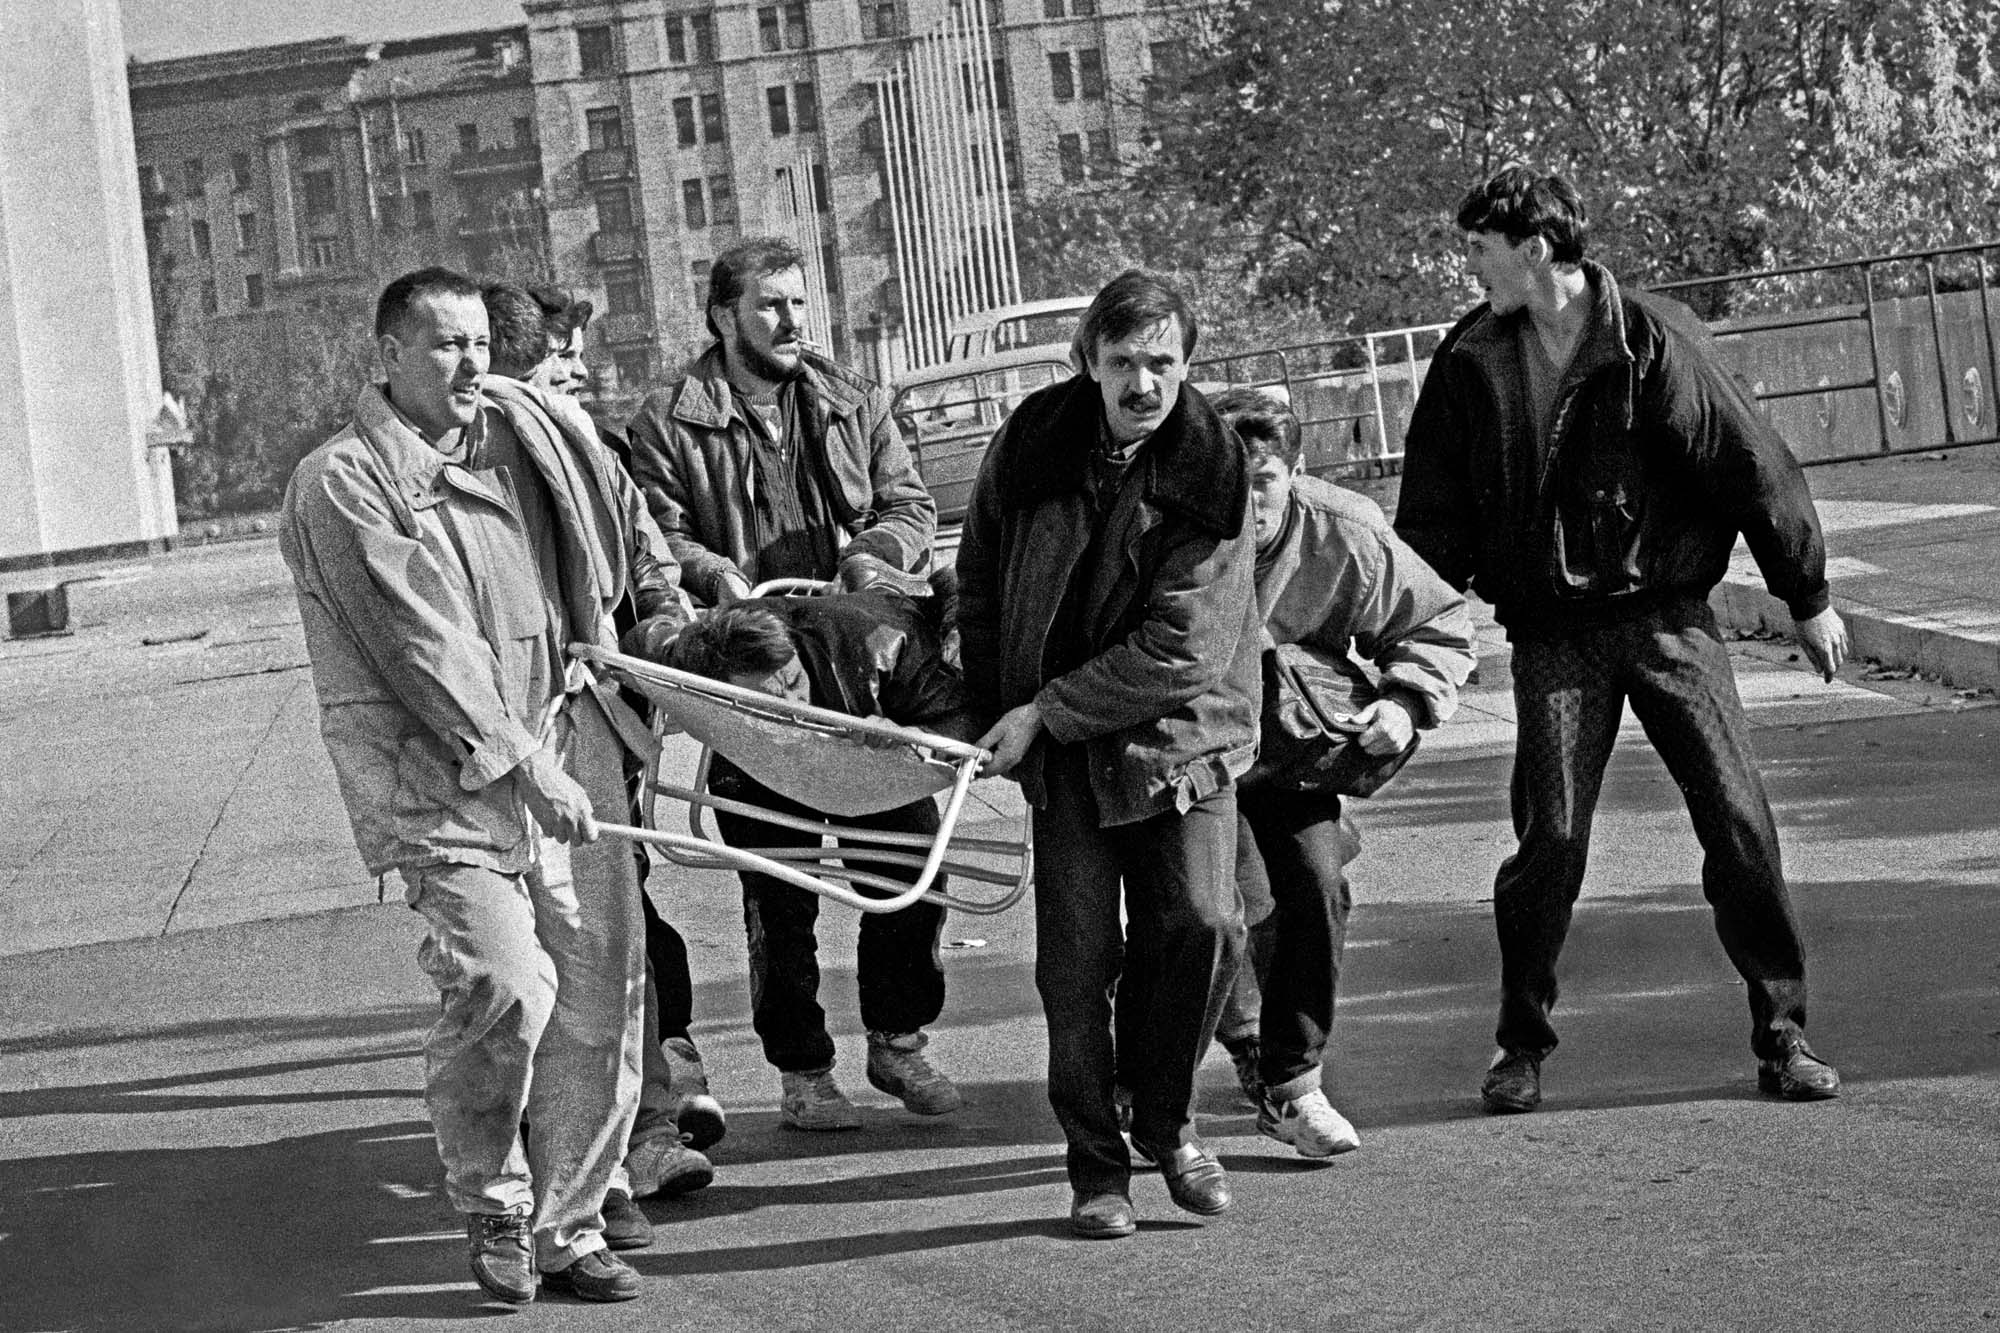 3 октября раненого человека уносят на носилках возле Дома Советов